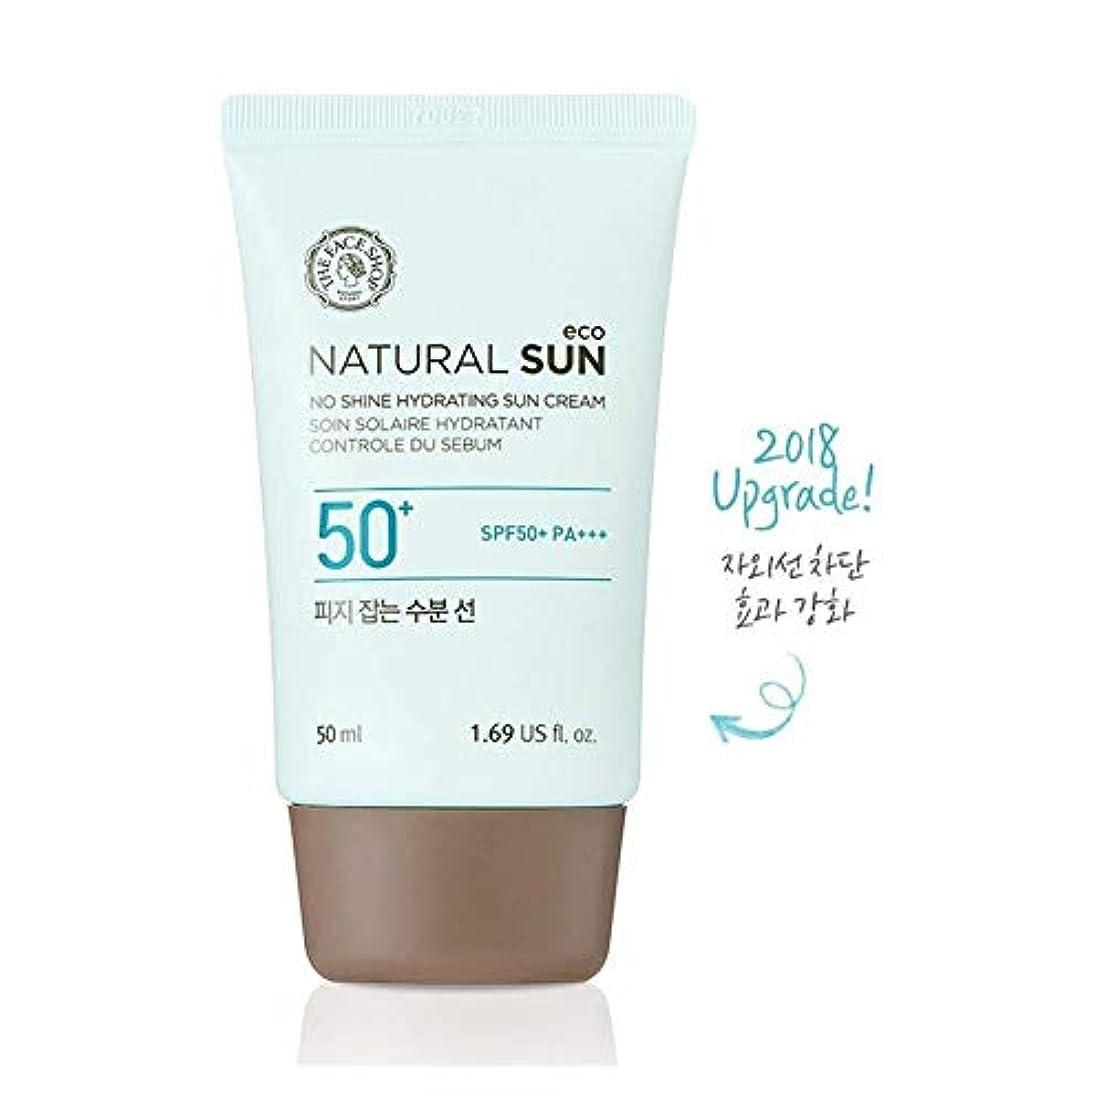 最大限再発するアルバニーザ?フェイスショップ ネチュロルソンエコフィジーサン?クリーム SPF50+PA+++50ml 韓国コスメ、The Face Shop Natural Sun Eco No Shine Hydrating Sun Cream...